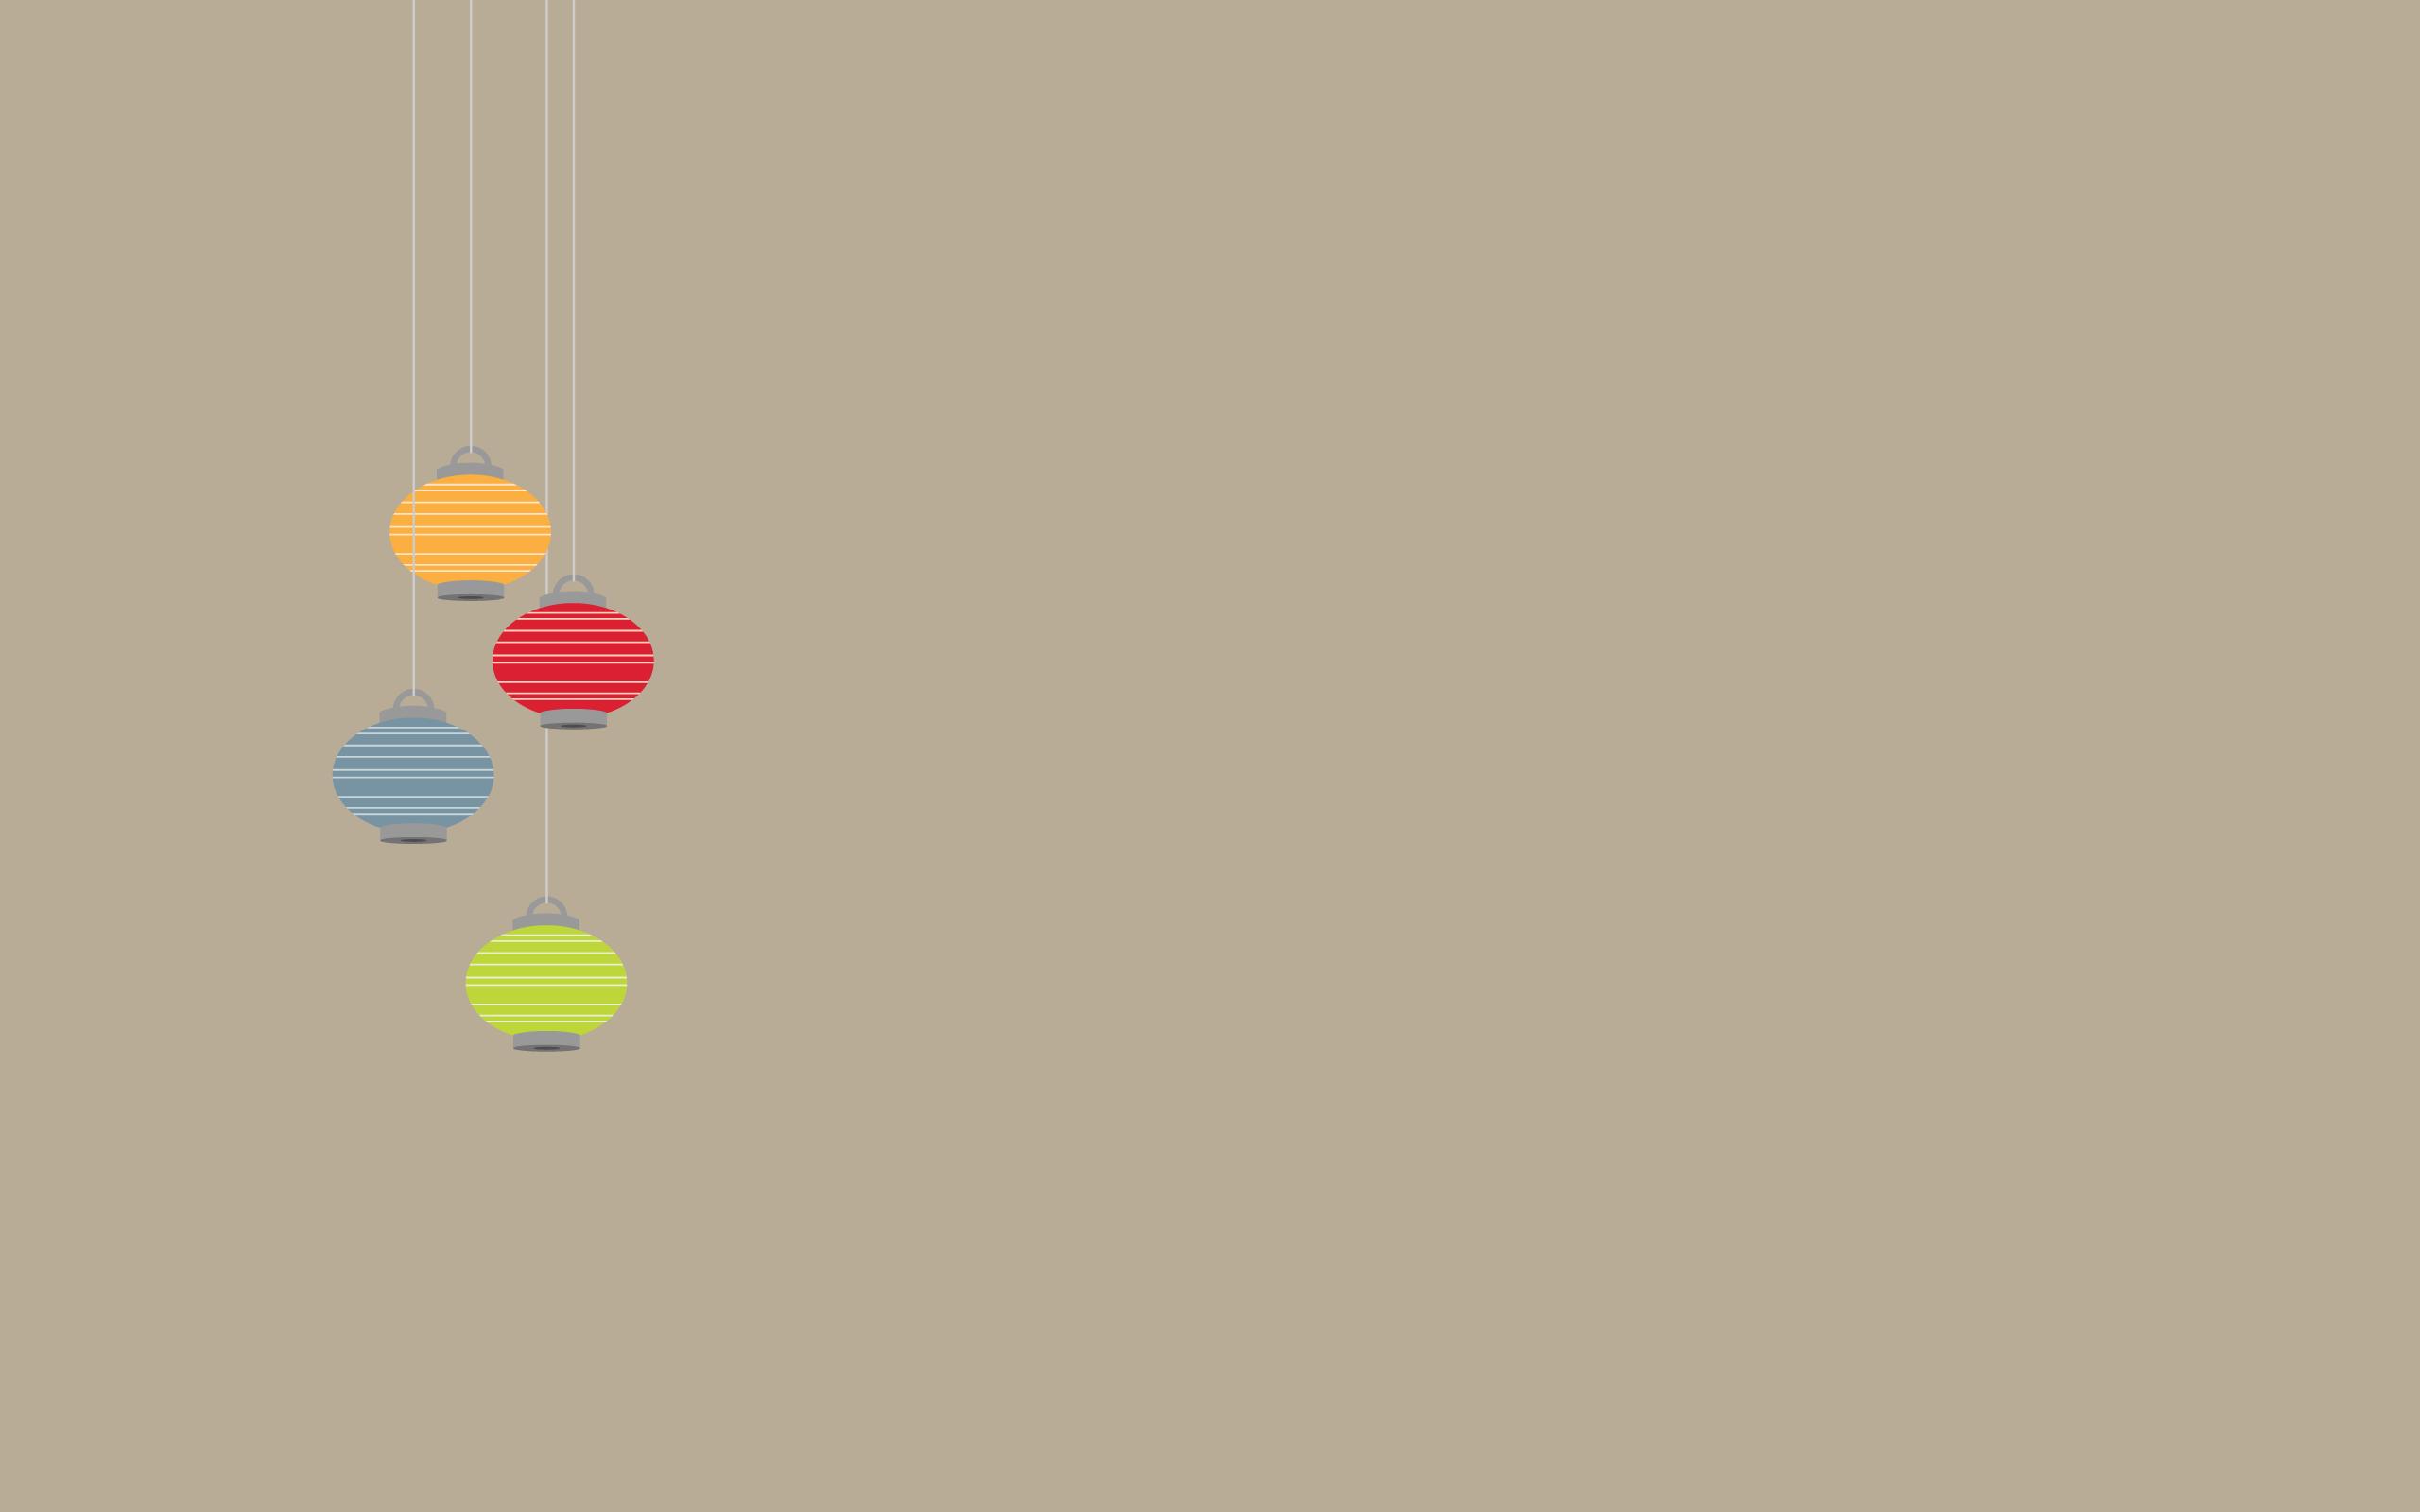 desktop wallpaper minimalistic 2560x1600 2560x1600